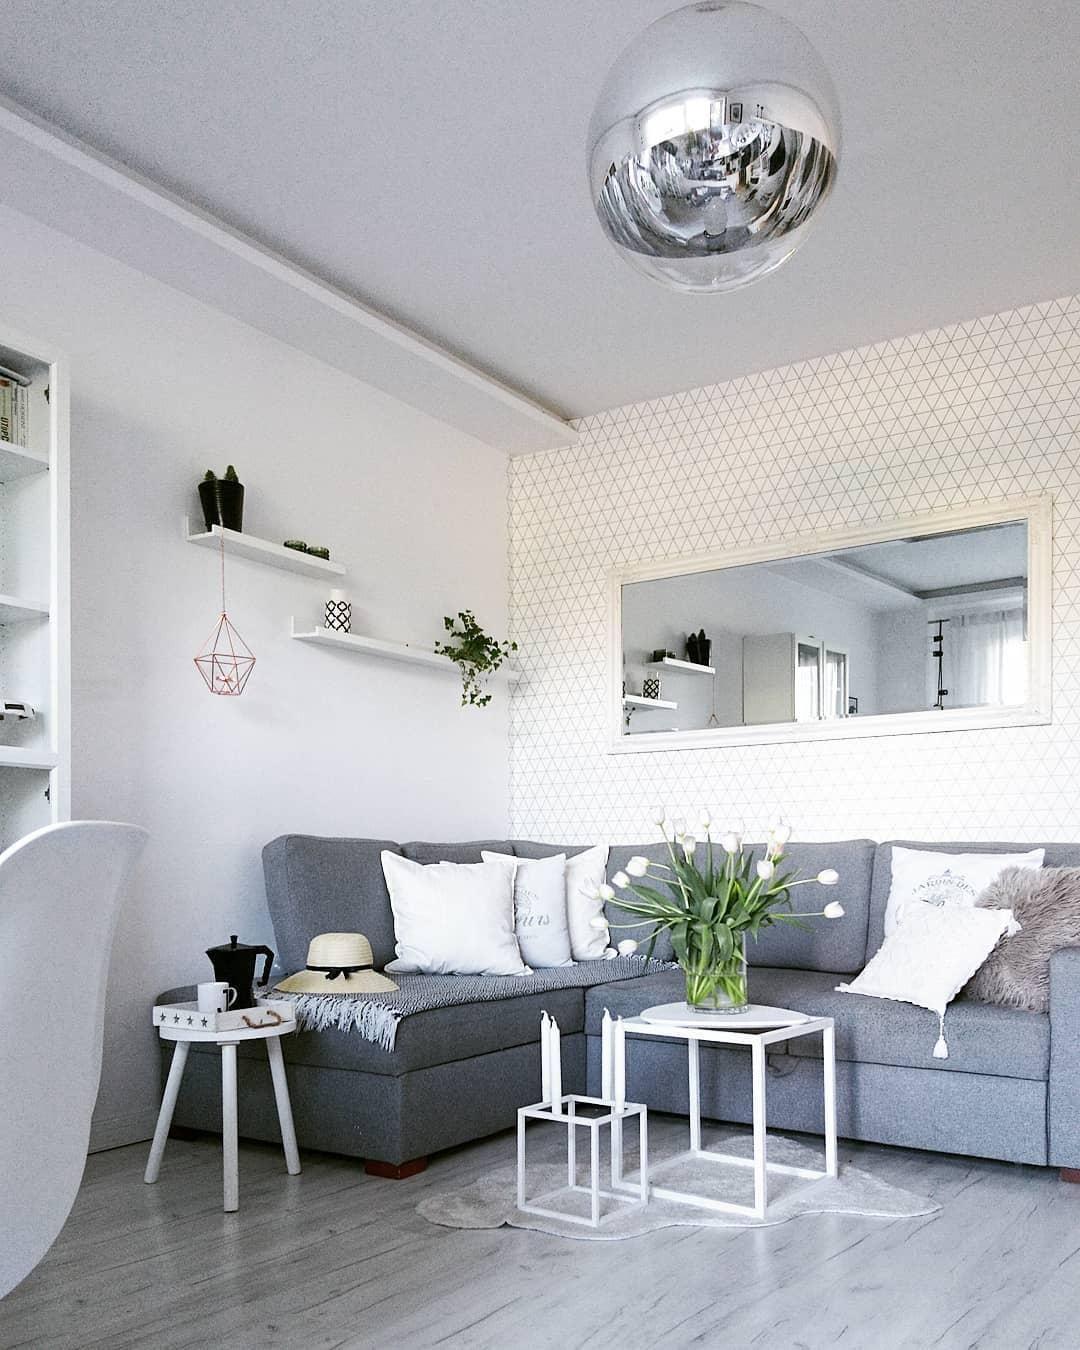 Ideen Für Ein Schönes Wohnzimmer: Wohnzimmer, Wohnzimmer Grau